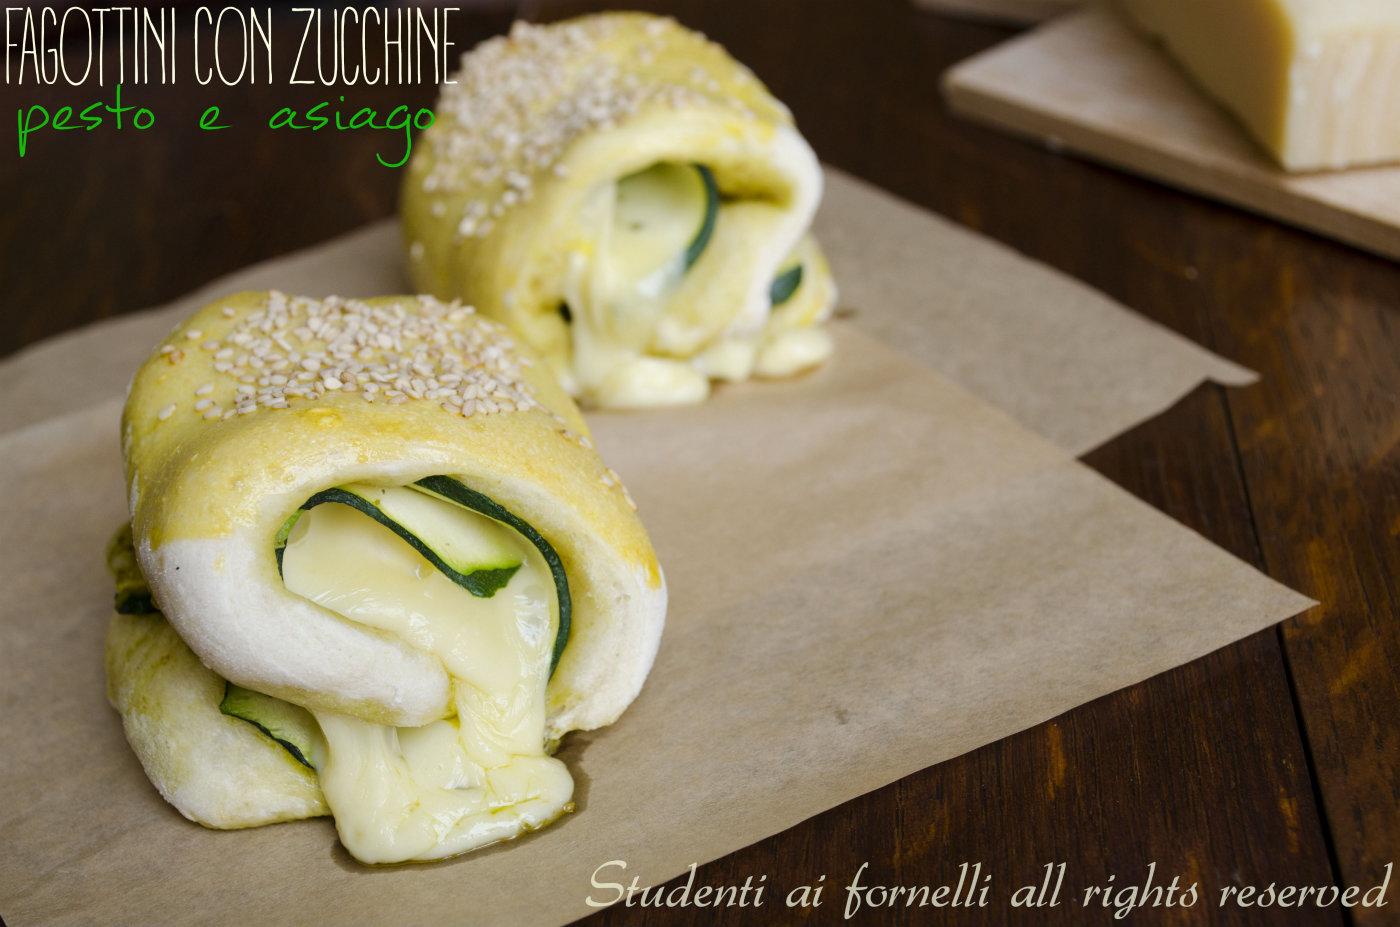 fagottini con zucchine pesto e asiago ricetta finger food con pizza